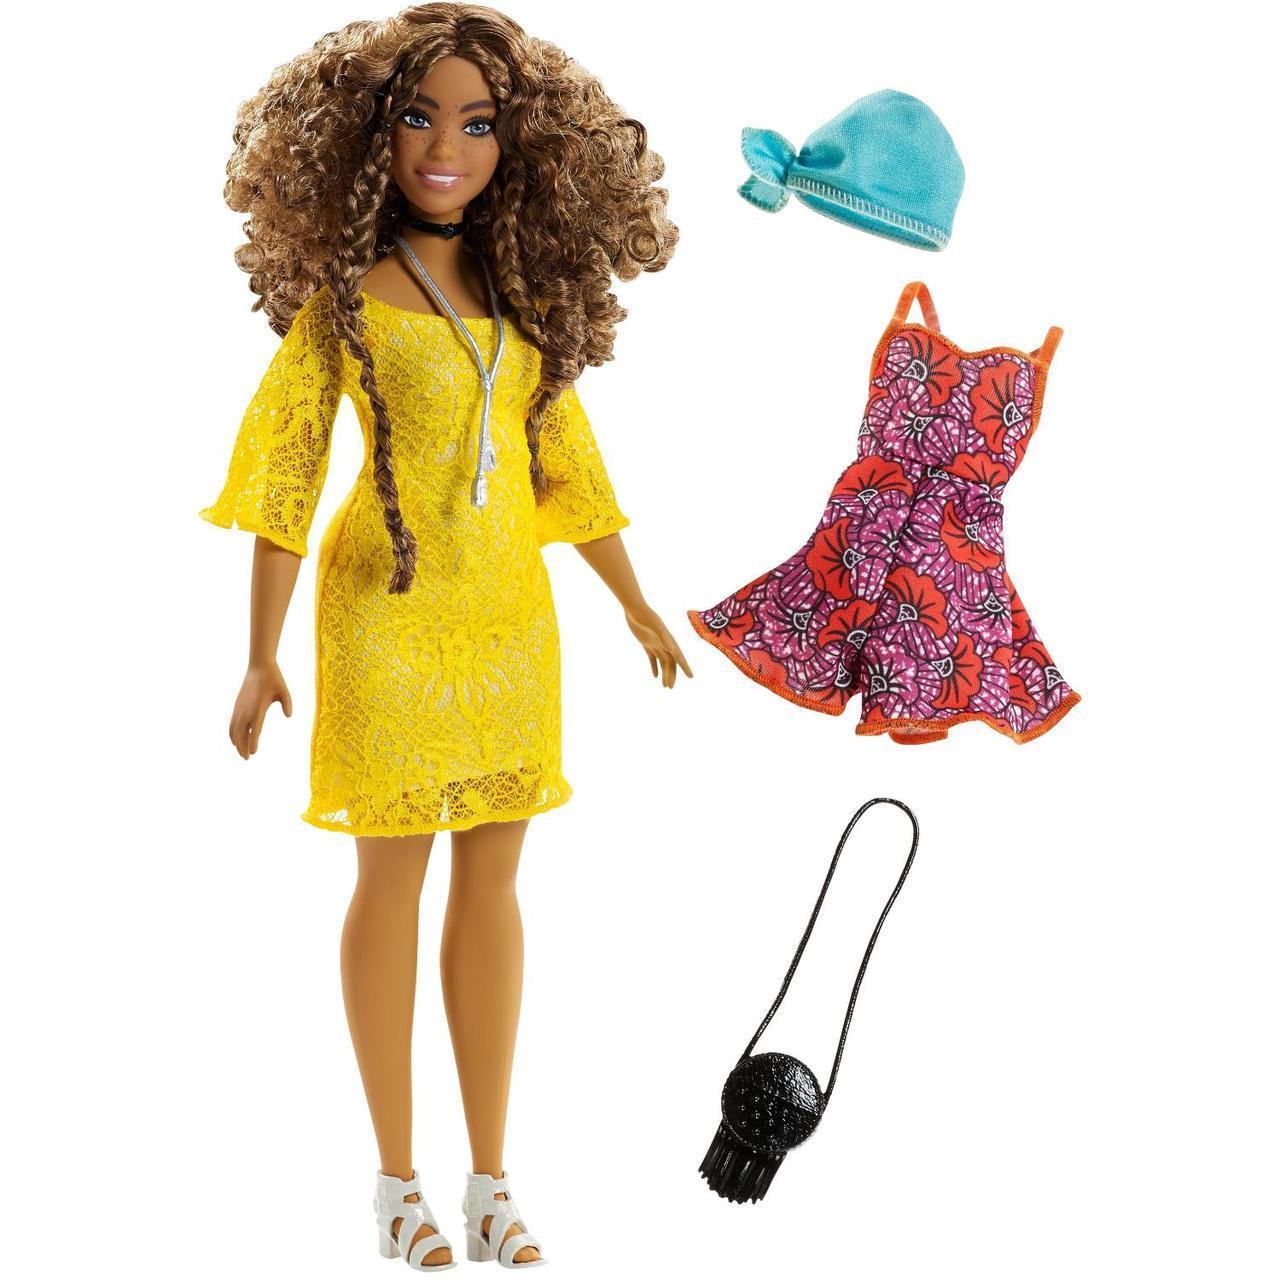 """Barbie """"Игра с модой"""" Кукла Барби в жёлтом платье #85 (Пышная)"""